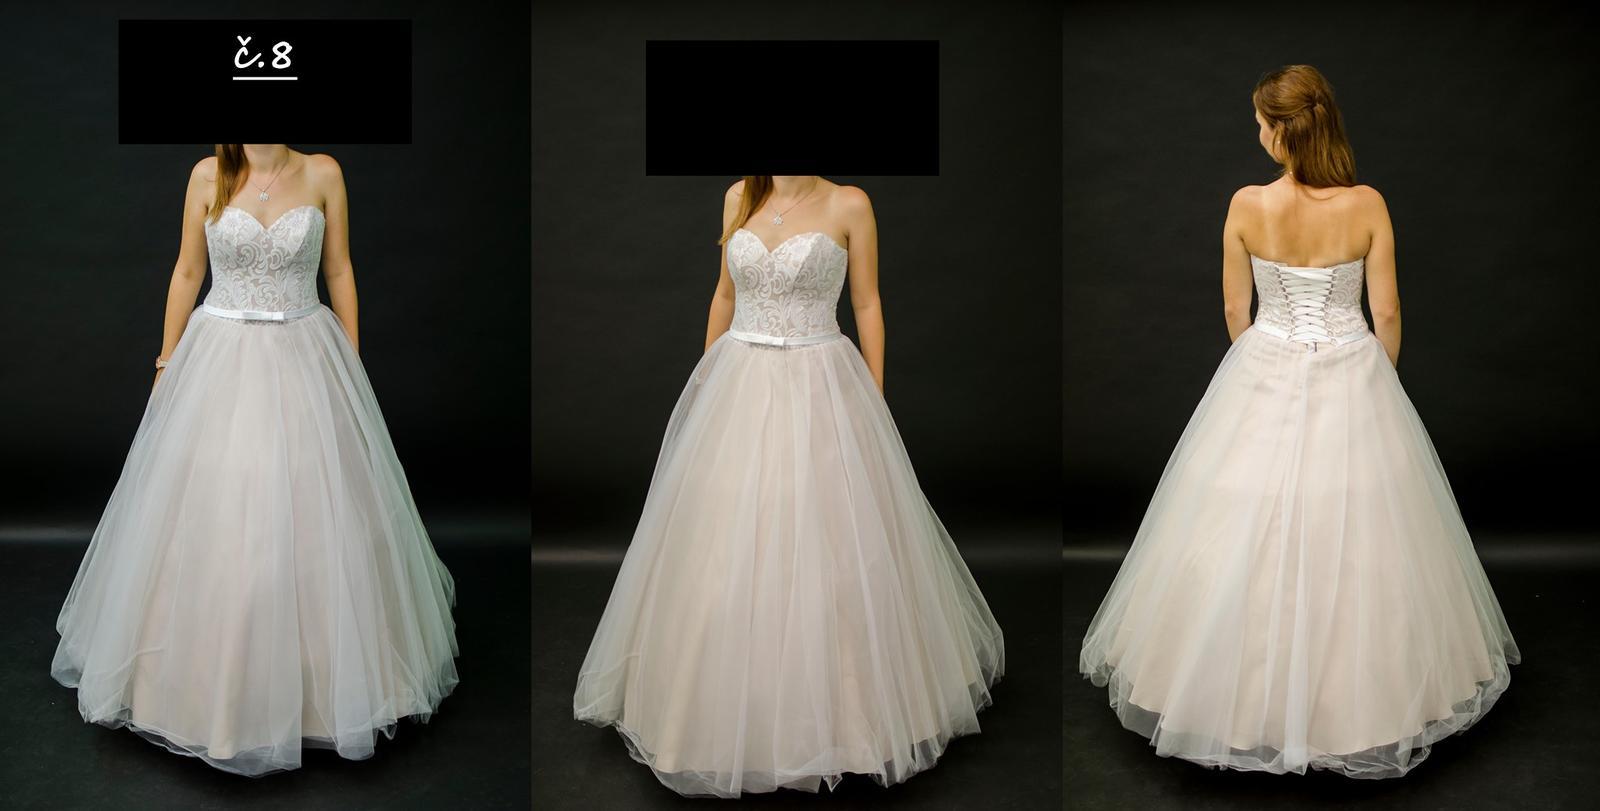 Hnědobílé svatební šaty - Obrázek č. 1